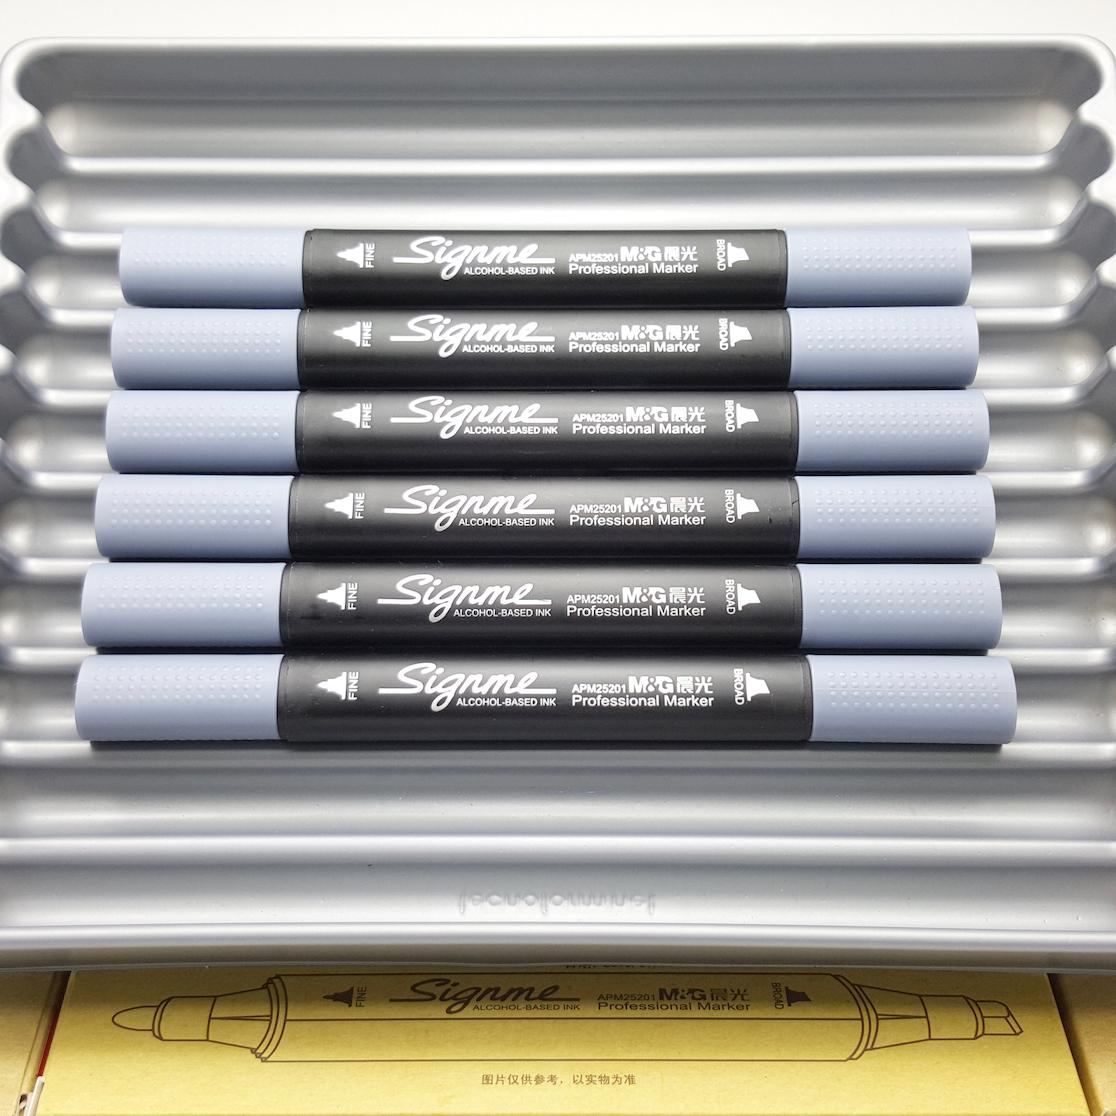 ปากกามาร์คเกอร์ไซน์มิ Signme Professional Marker - #CG5